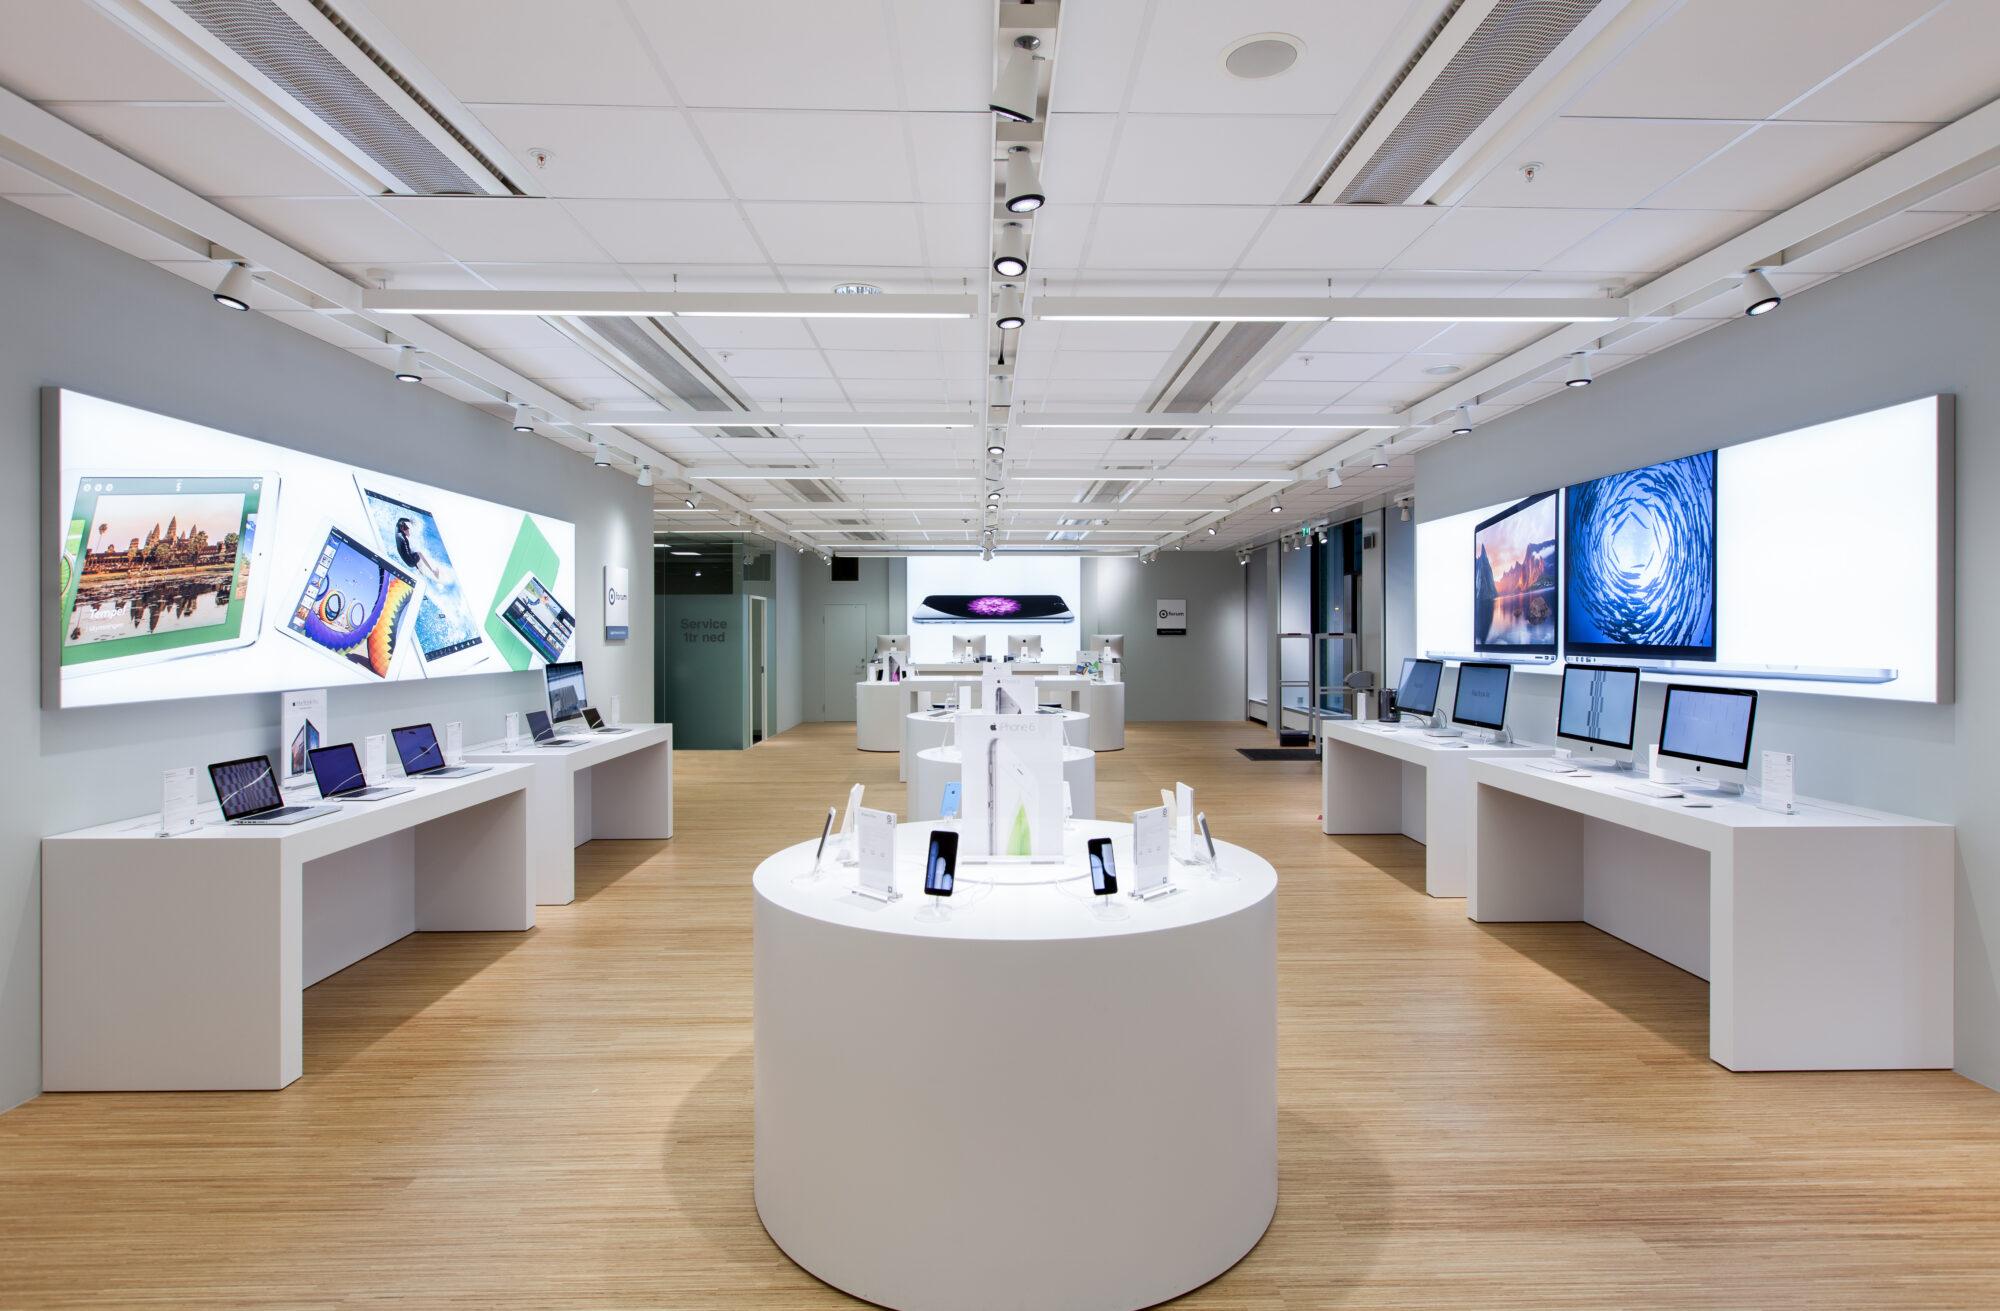 Kanalhjälte: Apples favorit ökar på service och företag